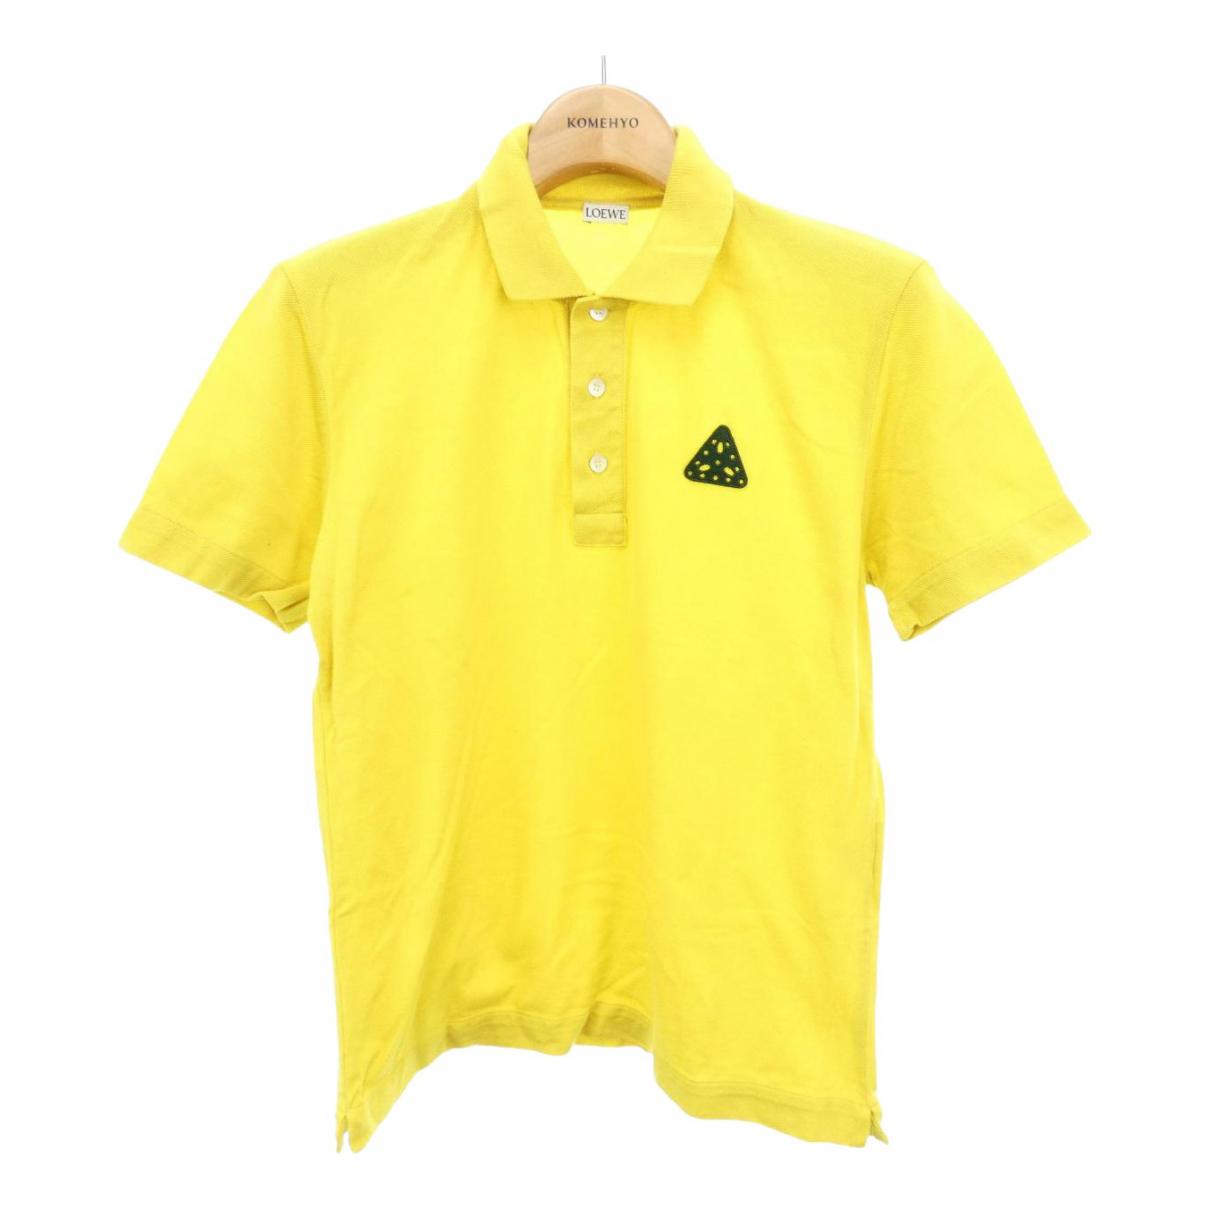 Polo en Algodon Amarillo Loewe